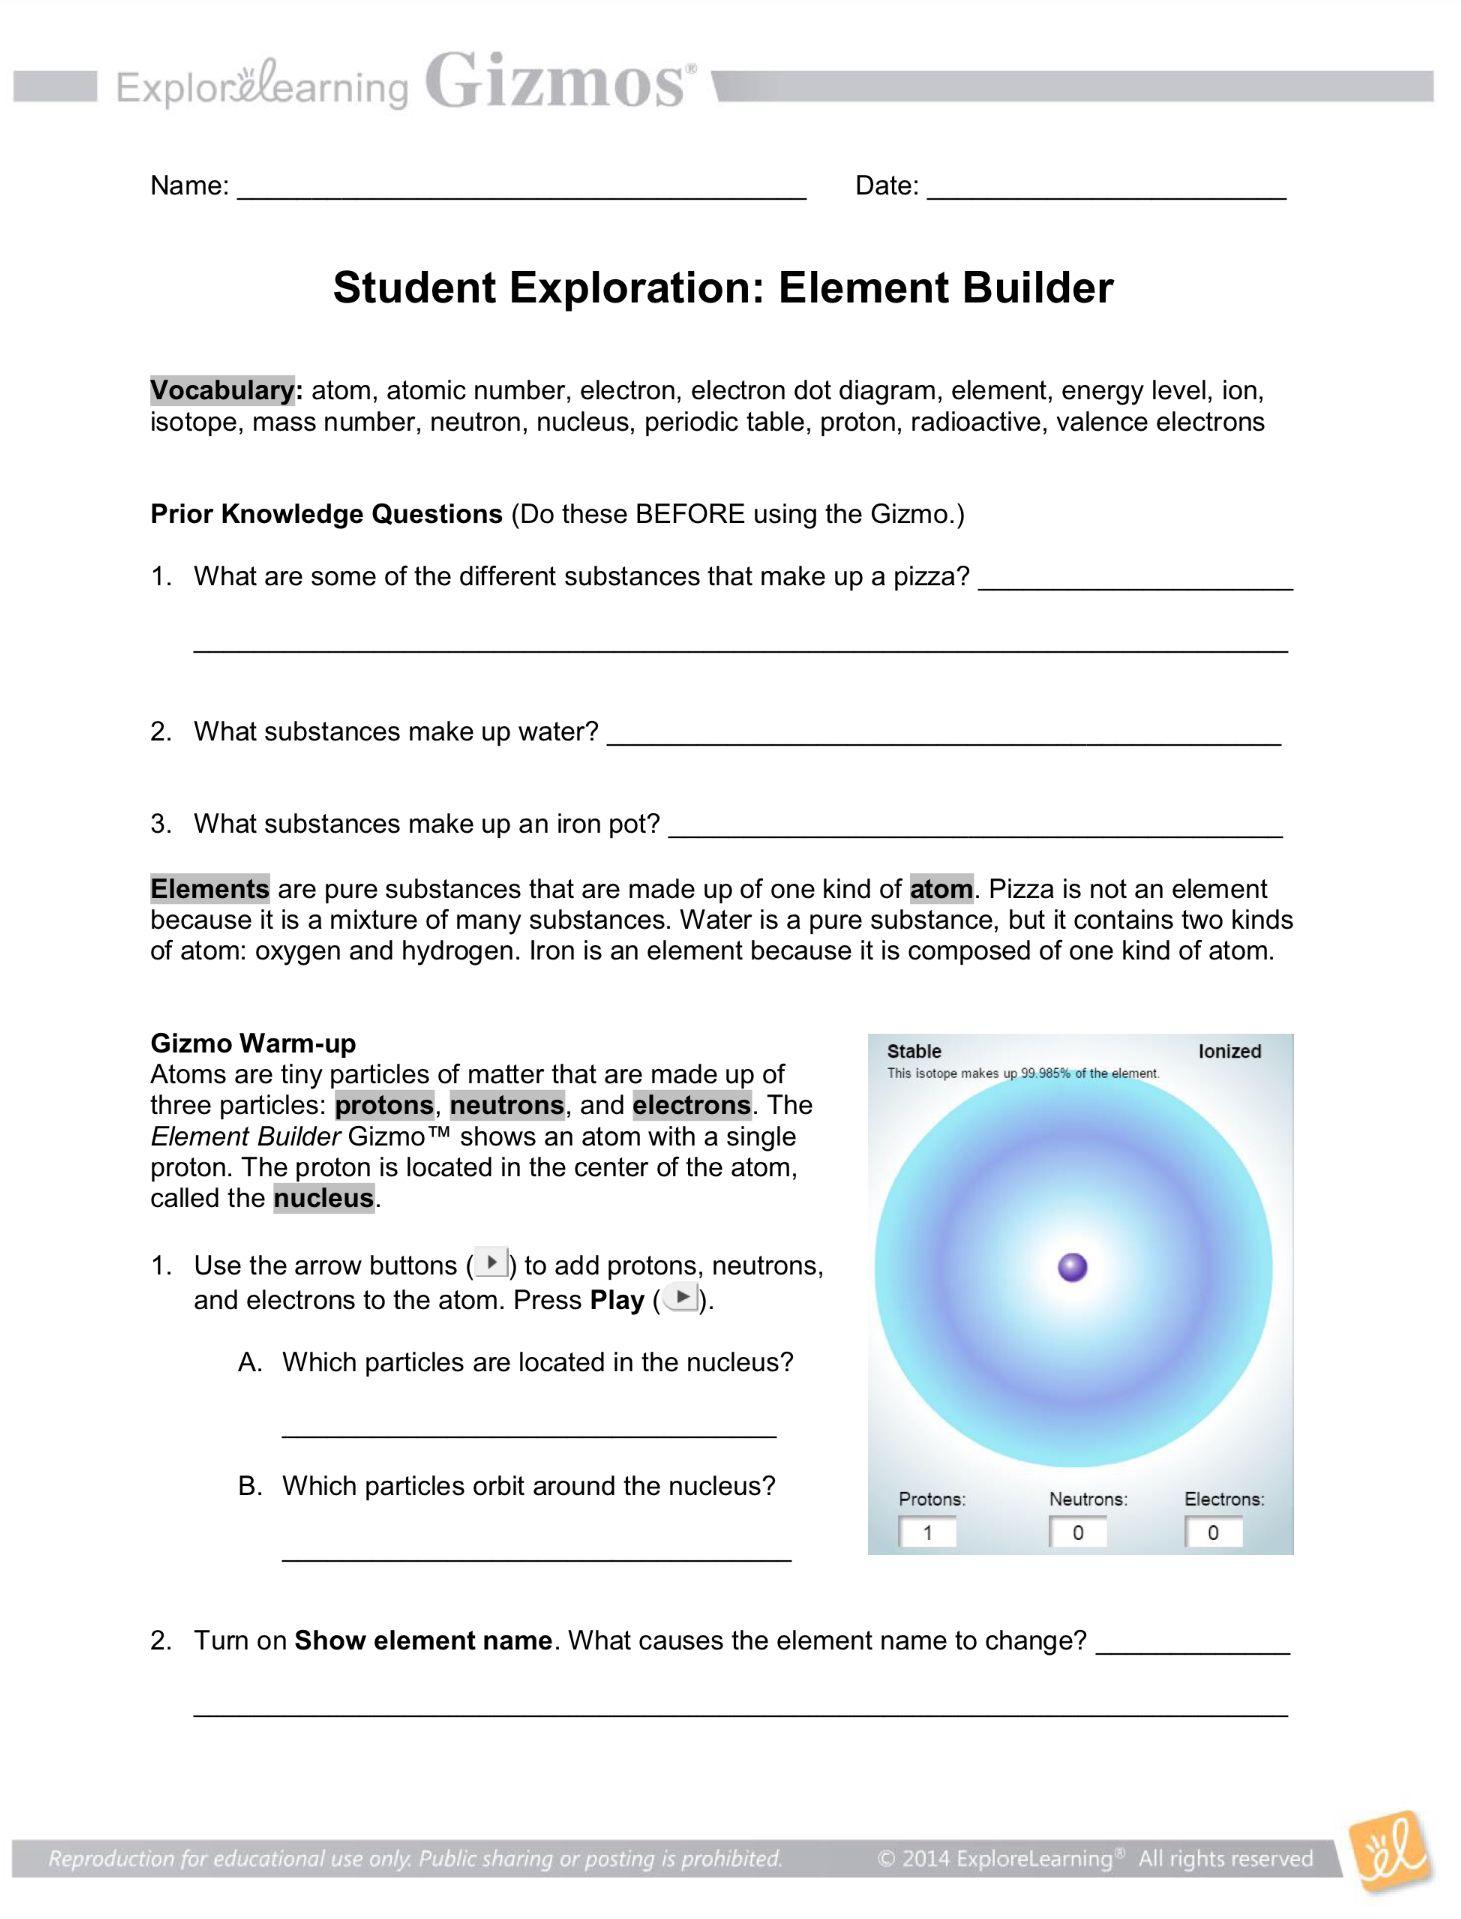 Element Builder